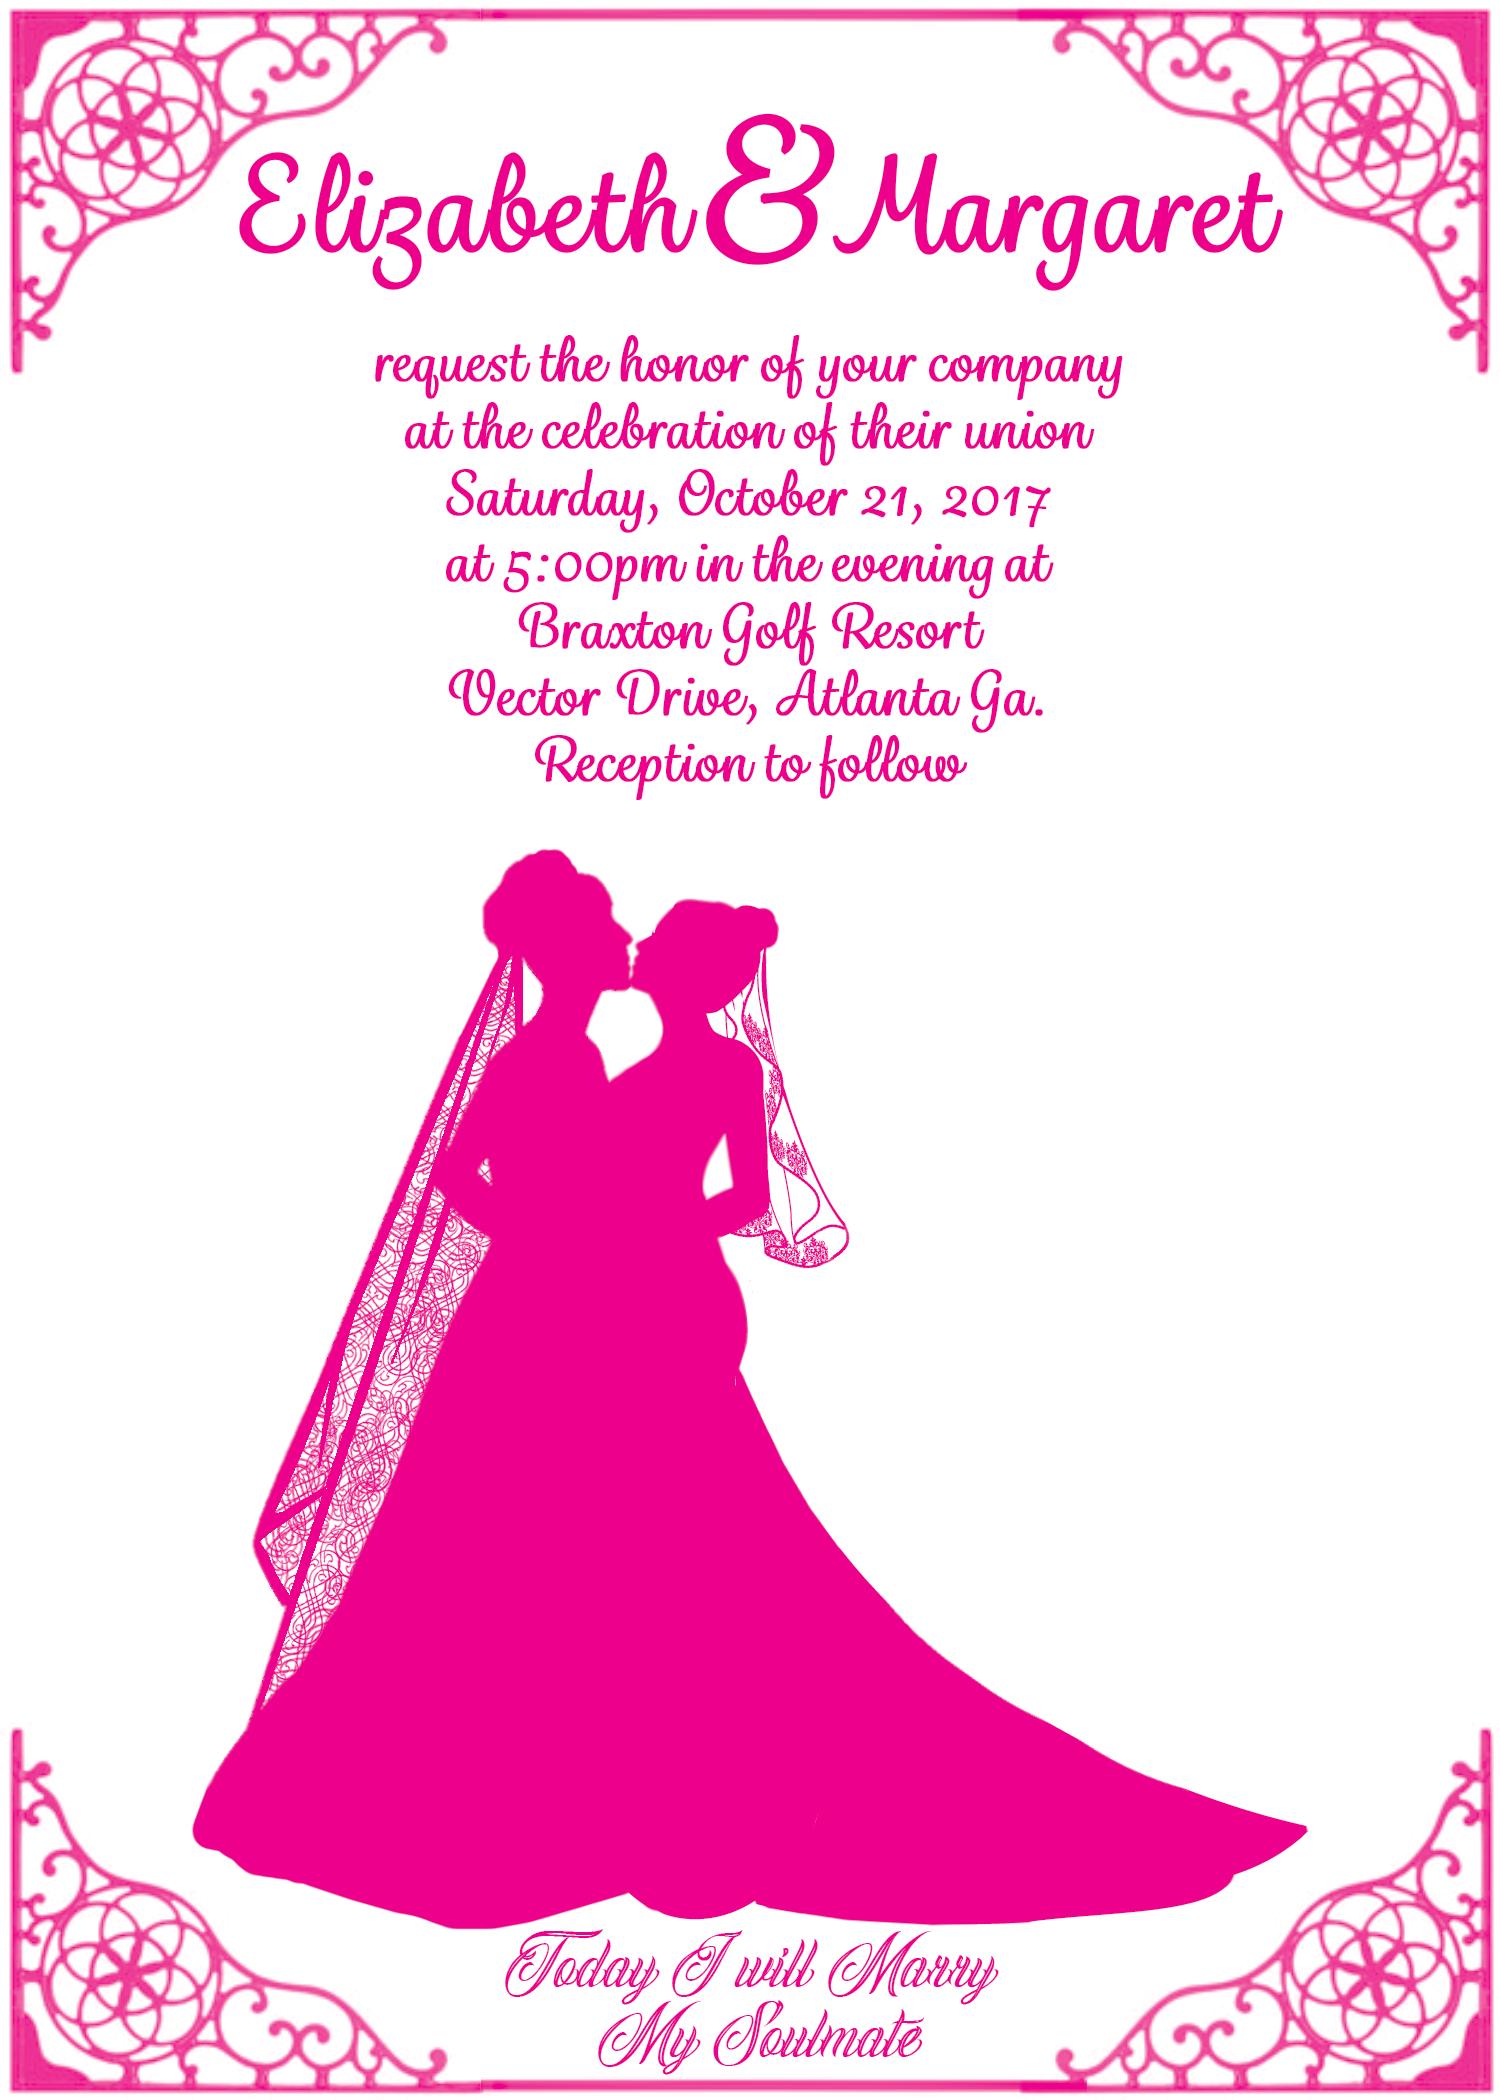 Dorable Boda Del Equipo De Pinterest Regalo - Colección del Vestido ...